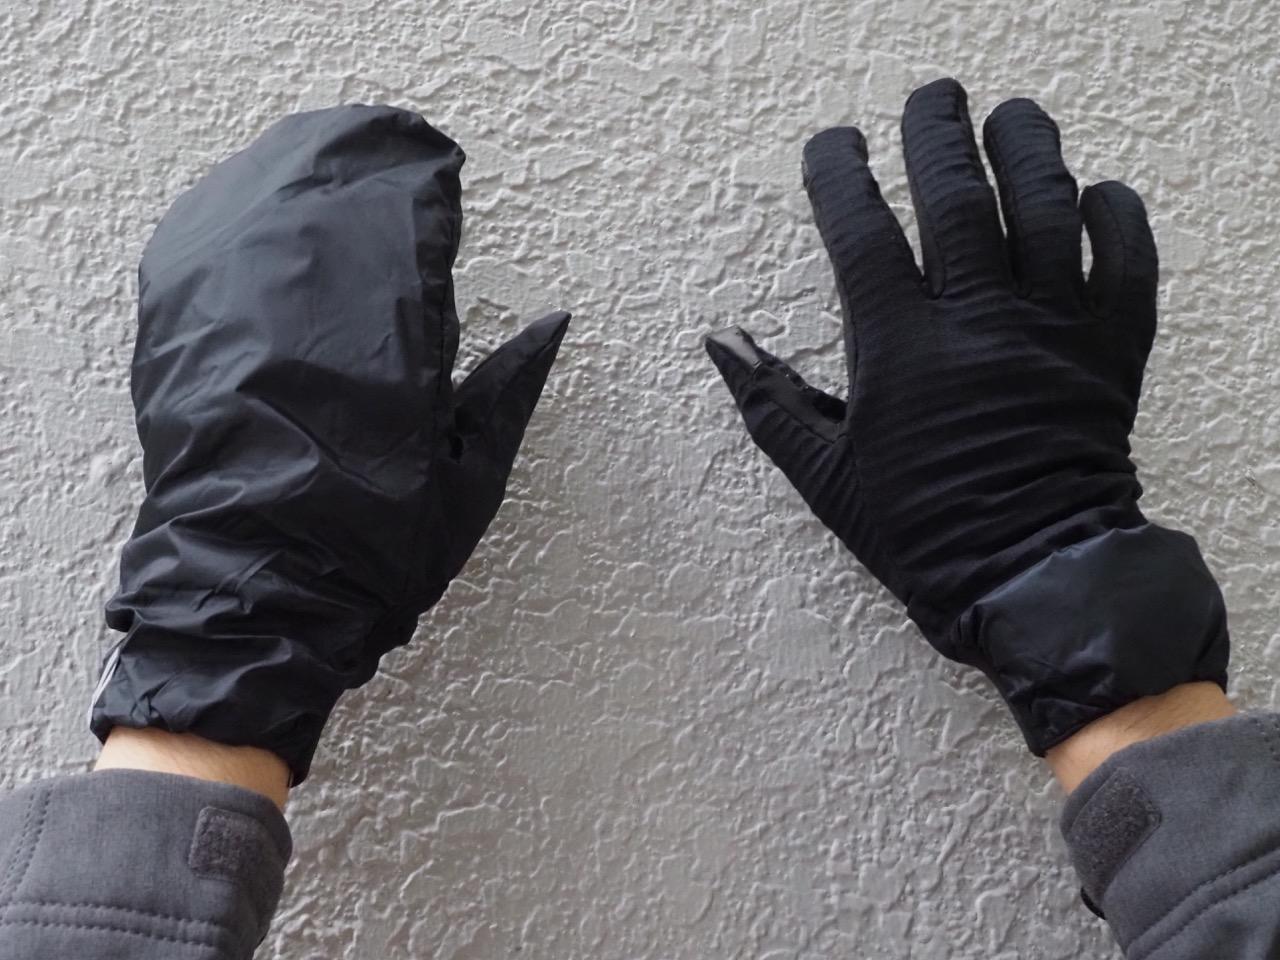 雨降りや風が吹いた時も困らない手袋